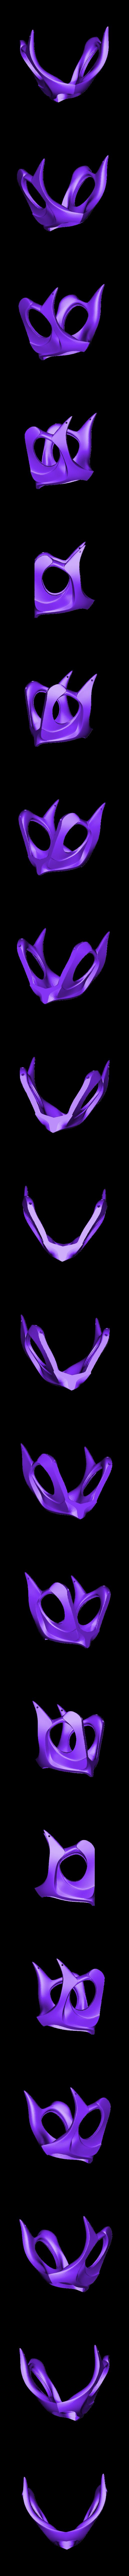 Scorpion_-_corona_respirator_-_mask.stl Télécharger fichier STL gratuit Masque de scorpion • Modèle imprimable en 3D, ayoubtouait